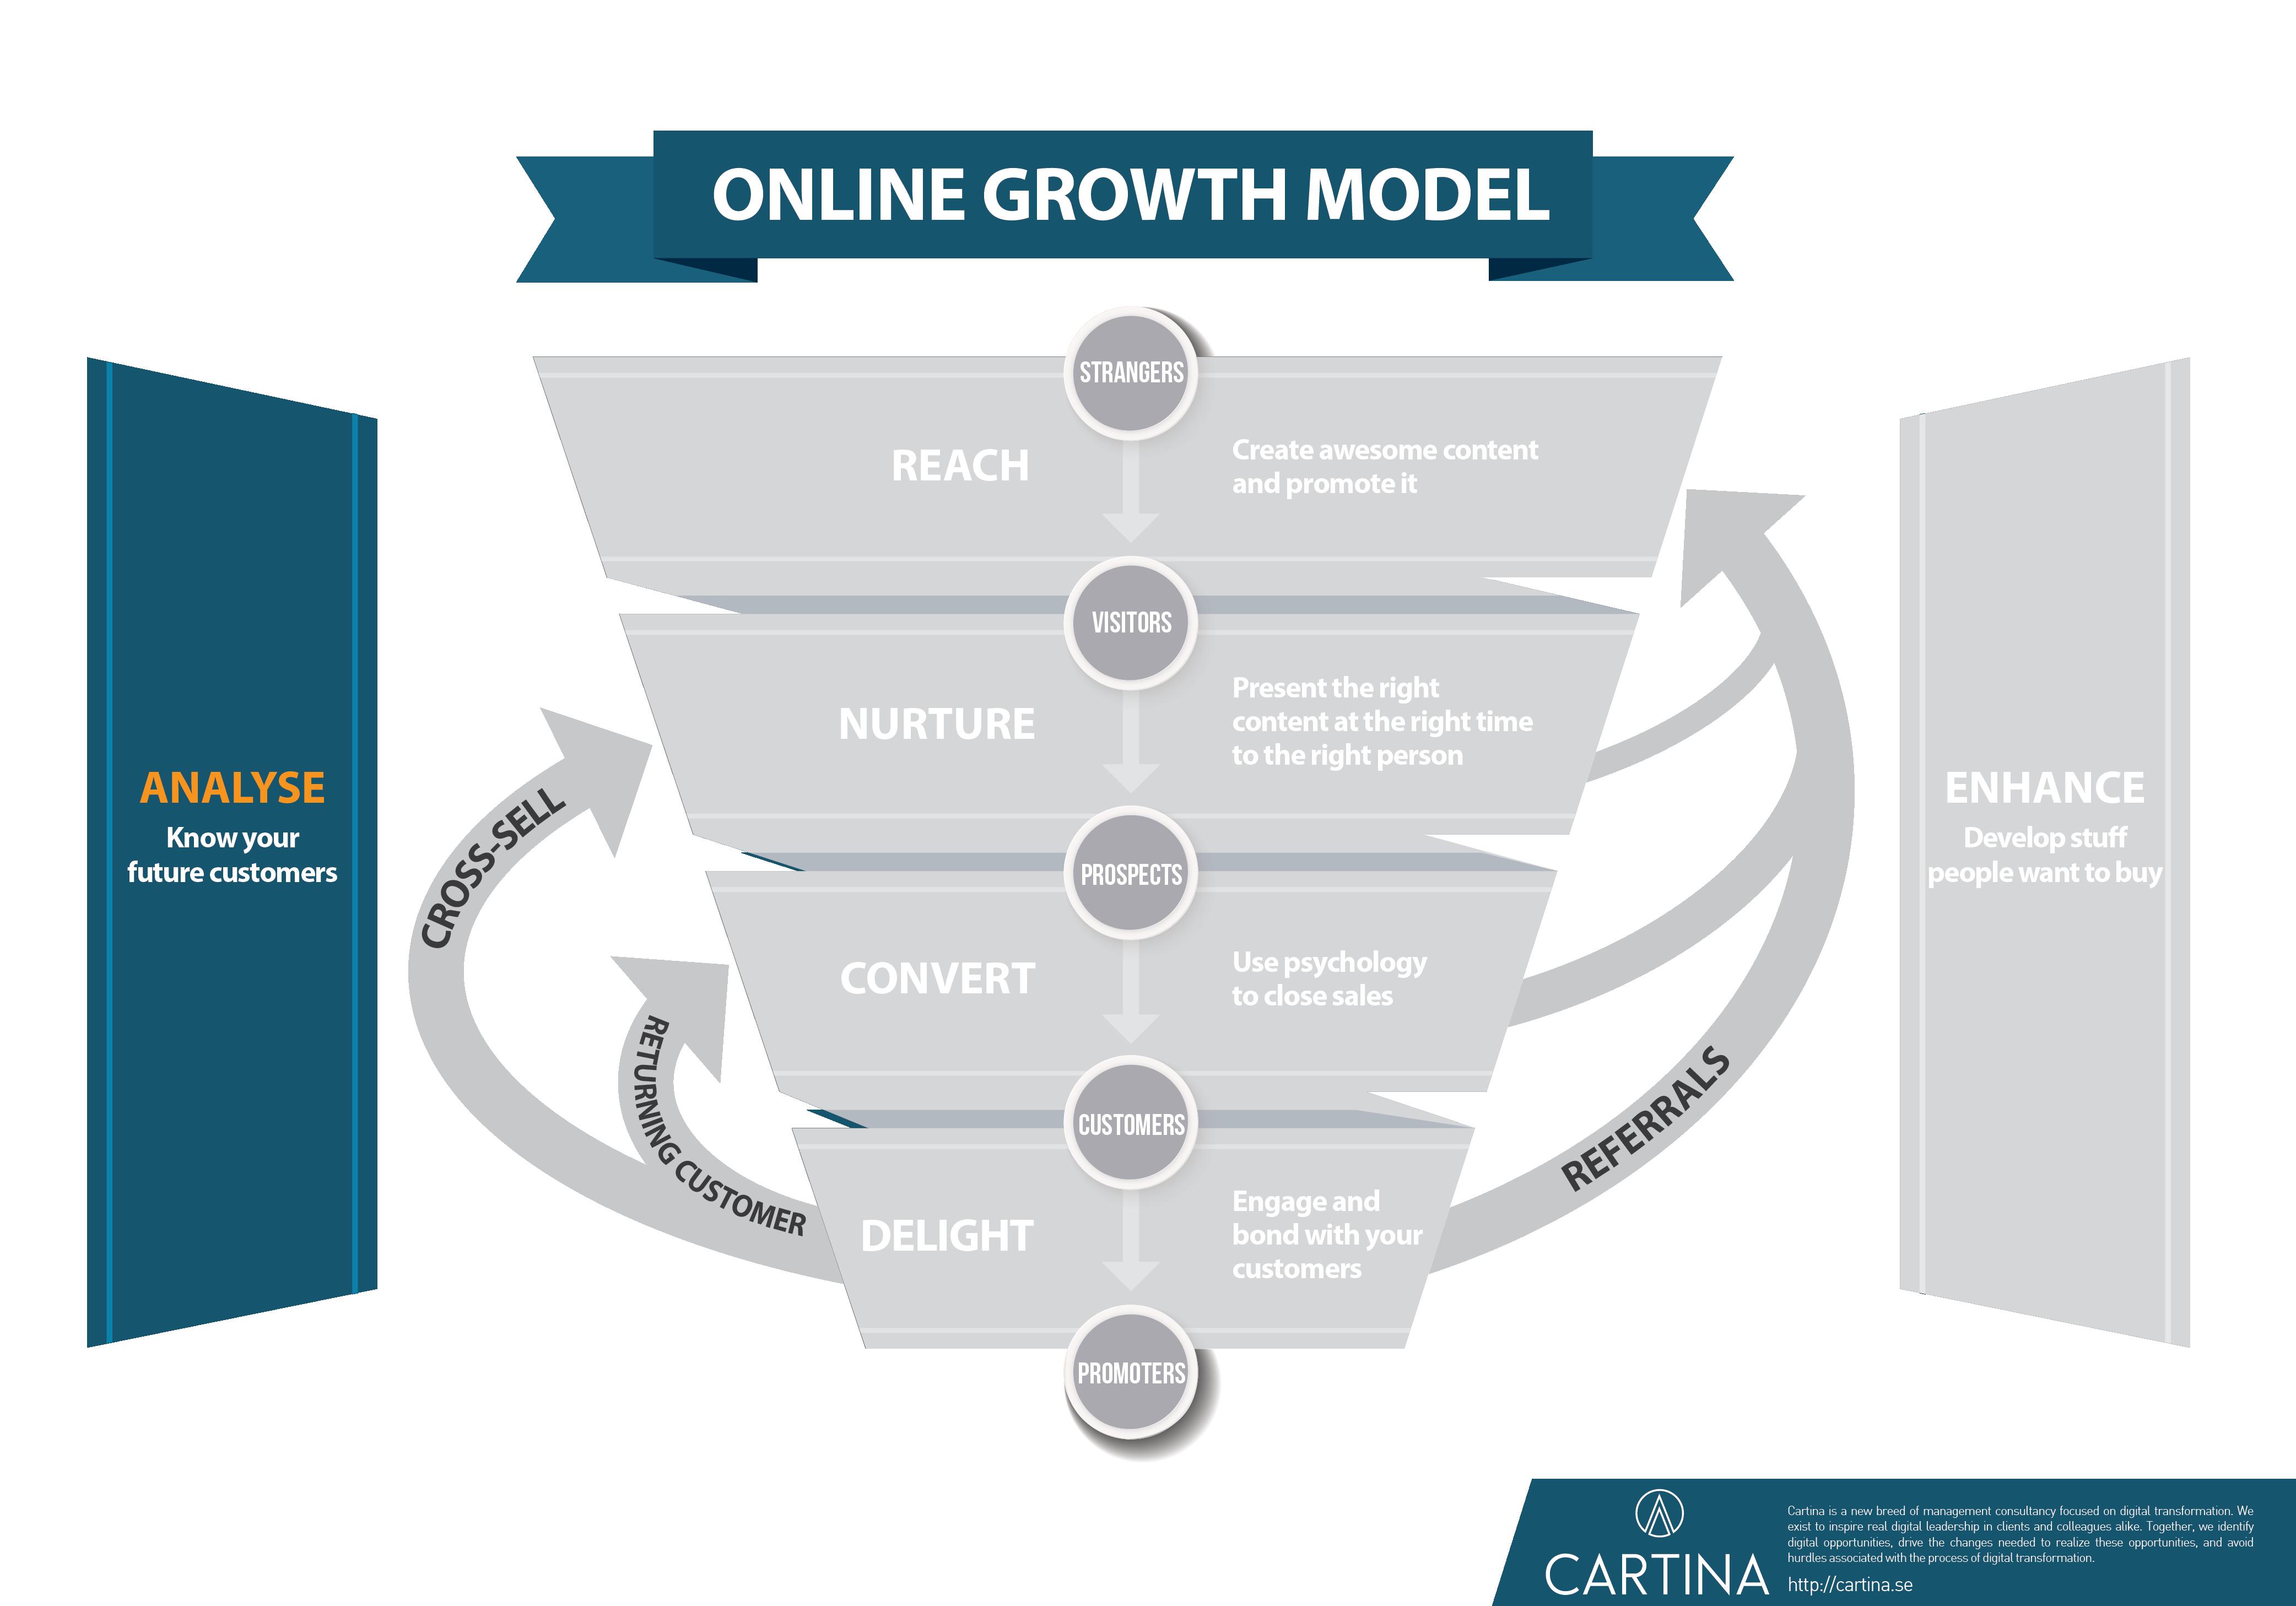 Growth model - Analyze step